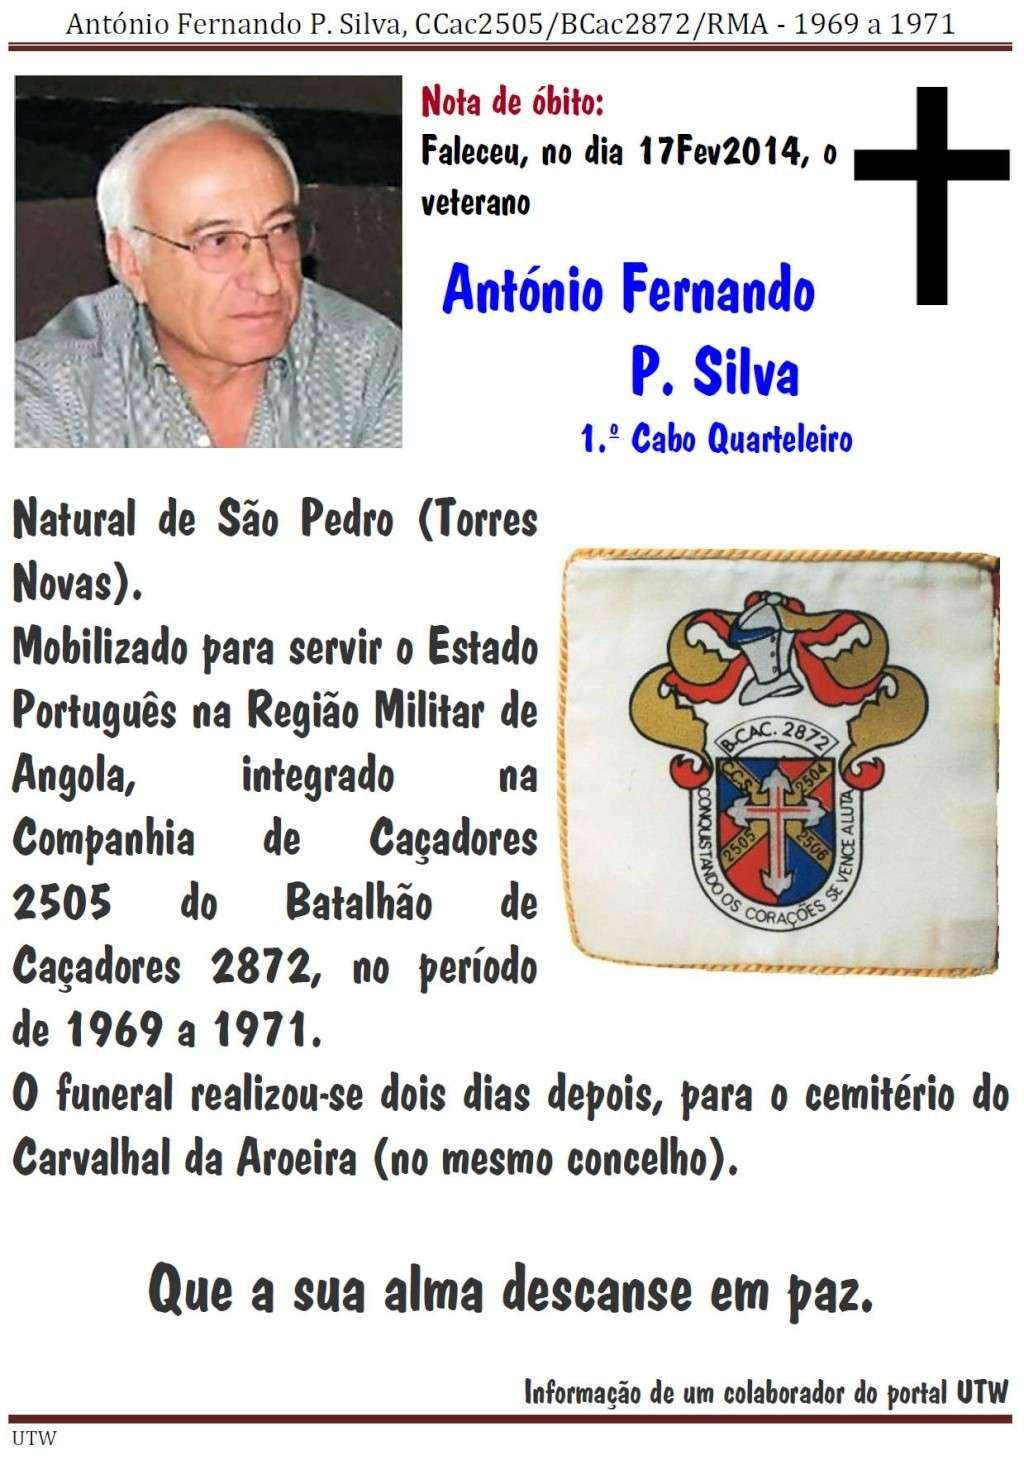 Faleceu o veterano António Fernando P Silva, da CCac2505/BCac2872 - 17Fev2014 Antoni10